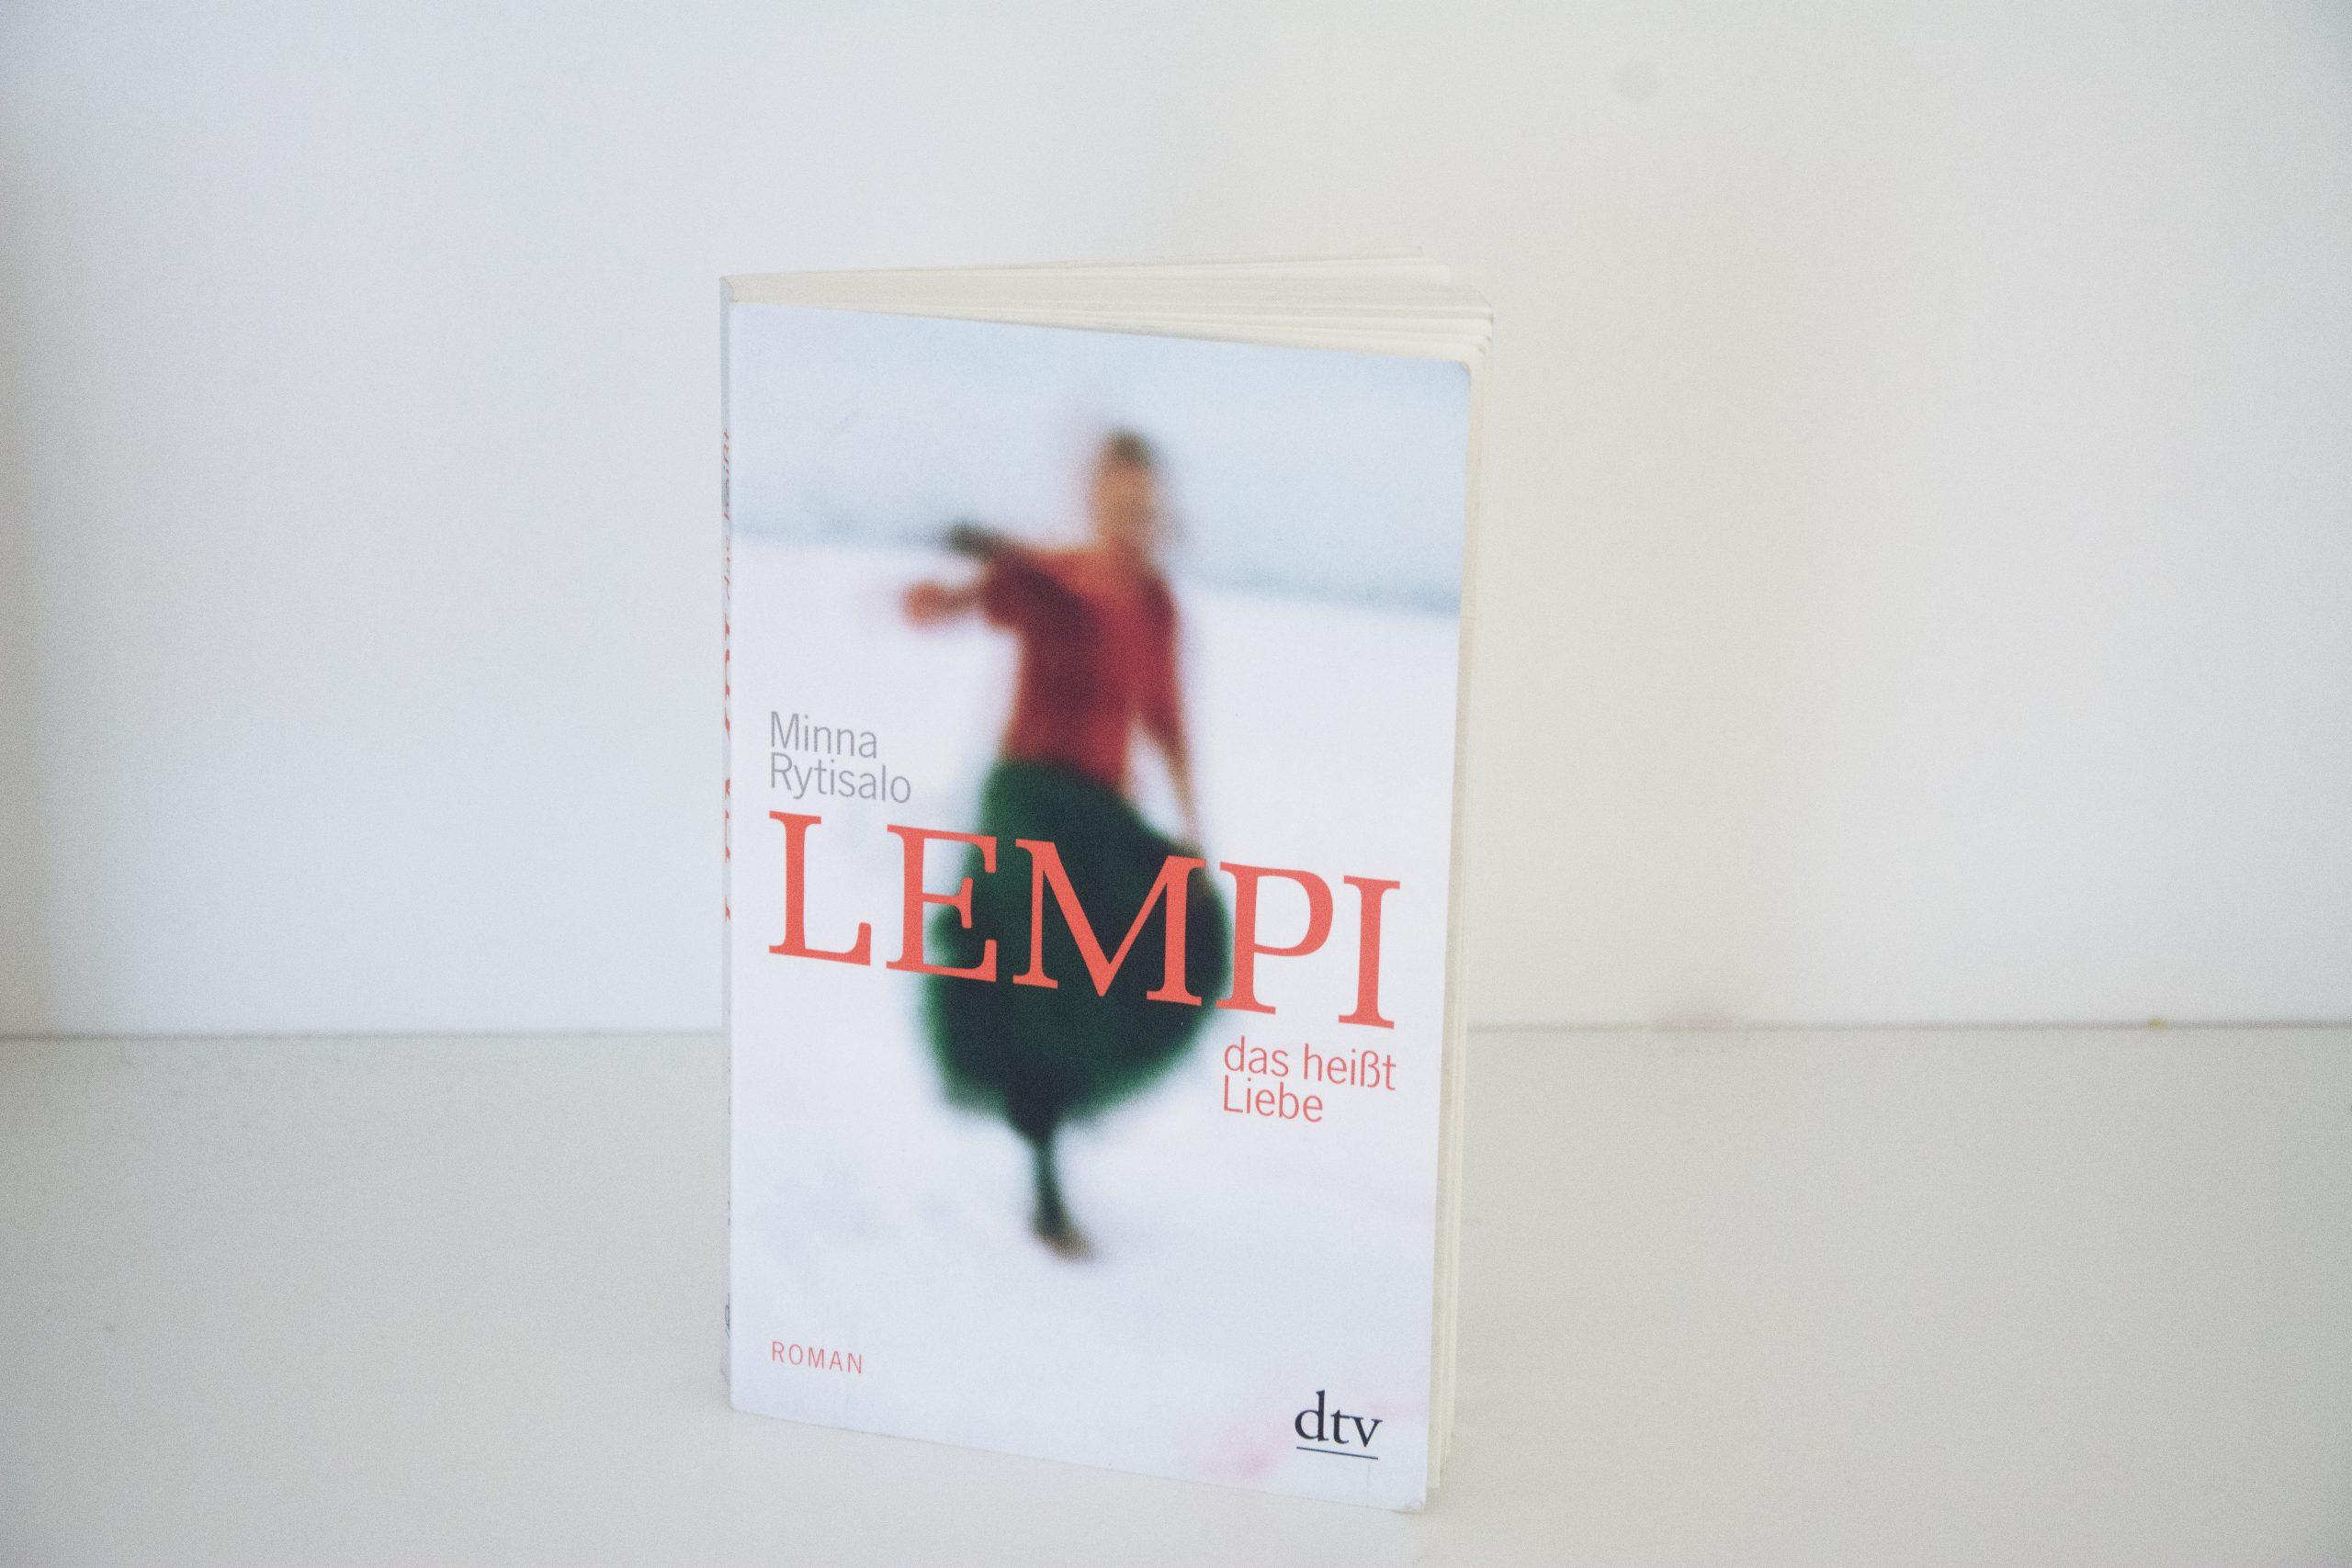 Literaturbesprechung:  »Lempi, das heißt Liebe« von Minna Rytisalo